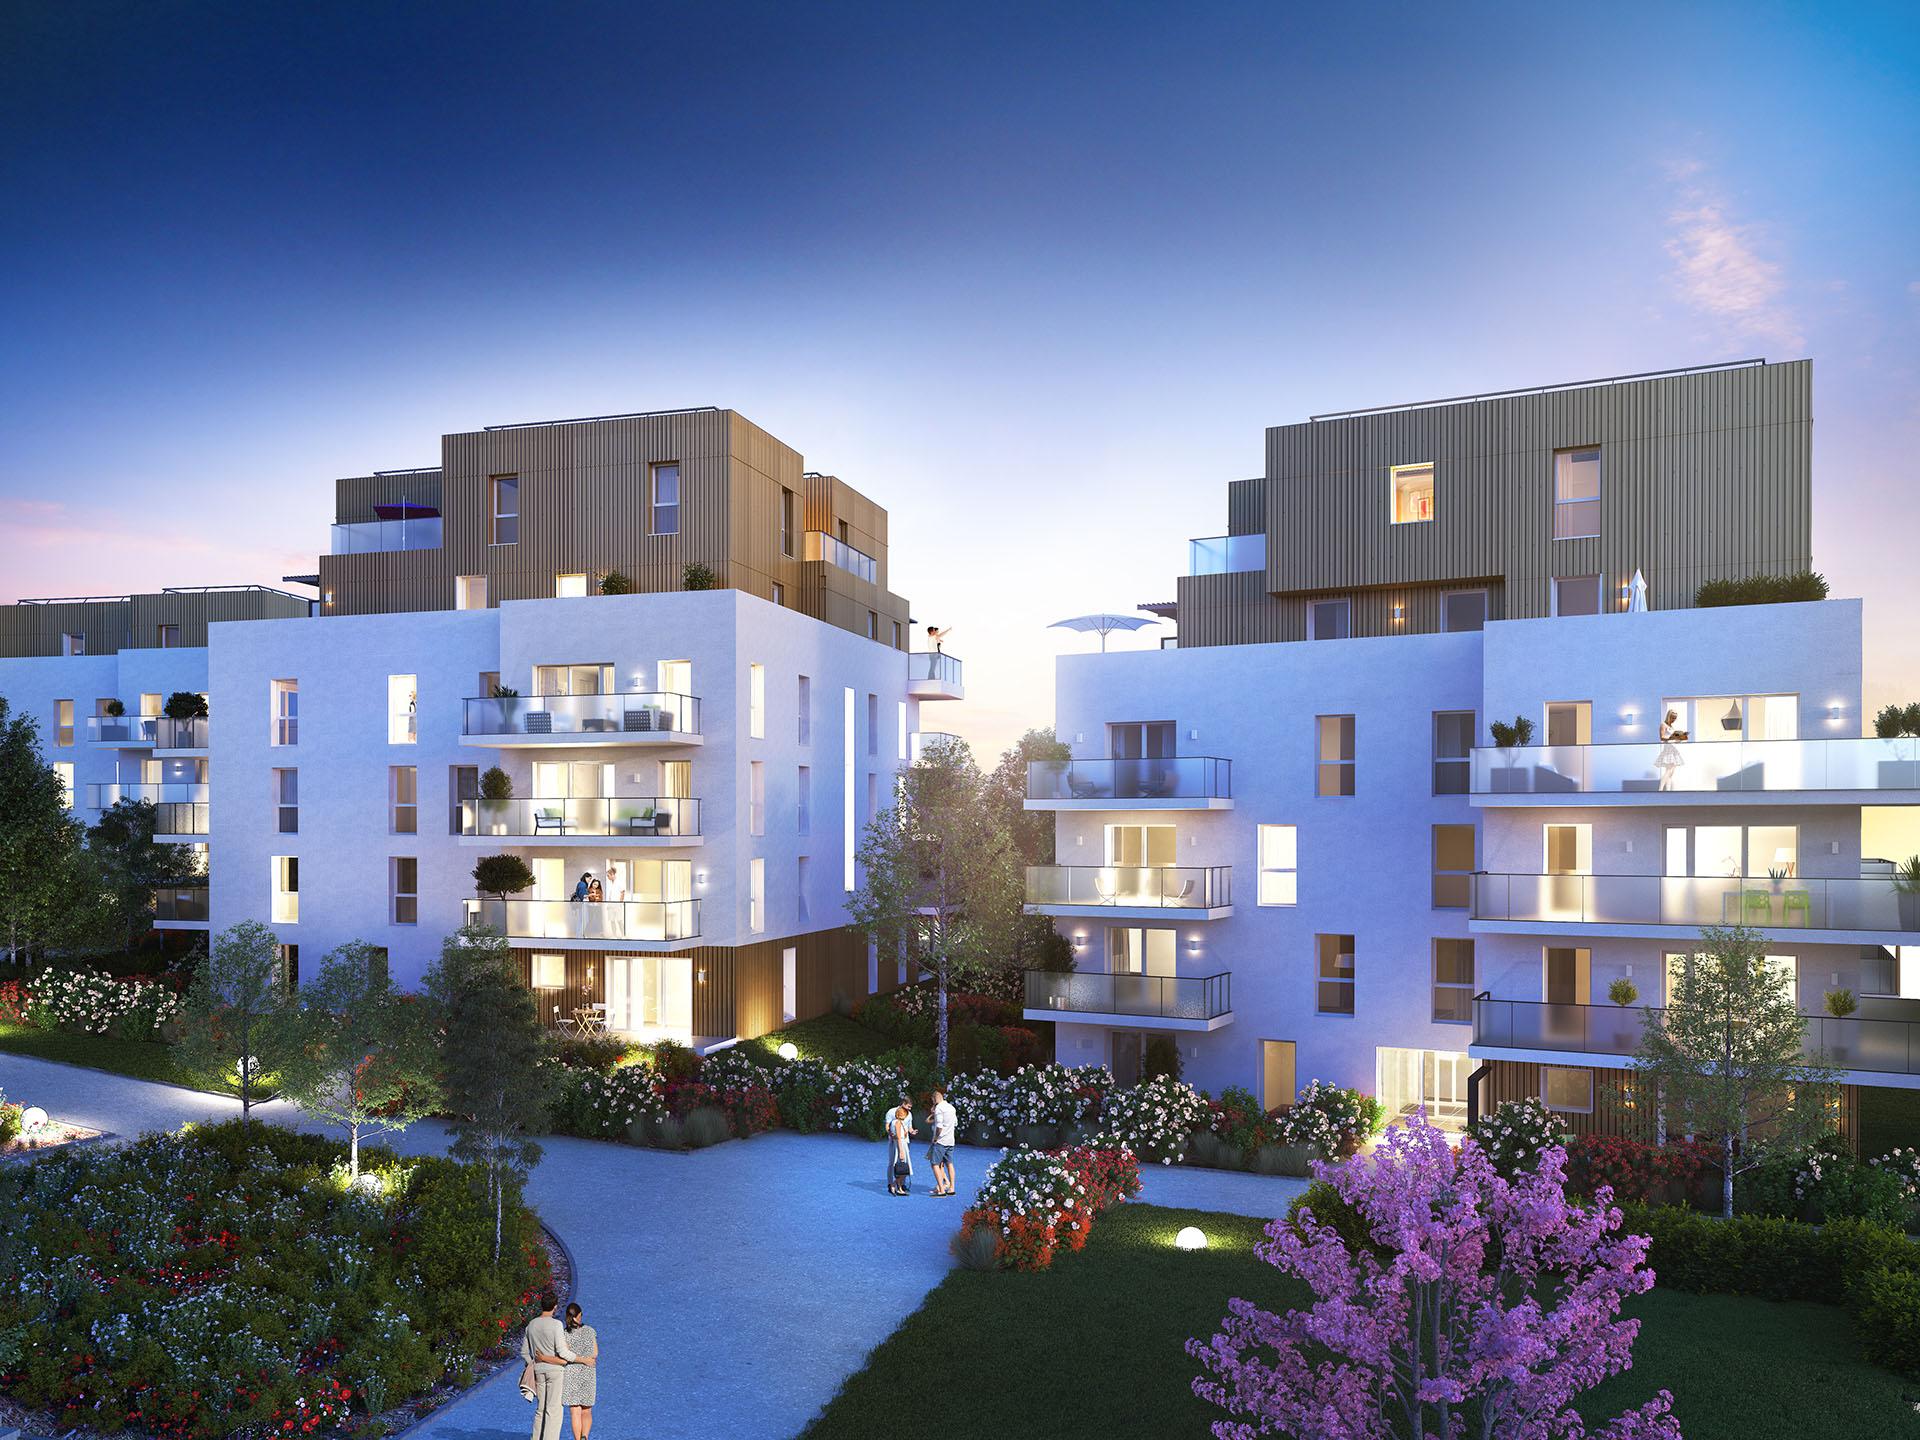 Programme immobilier BOW21 appartement à Viry (74580) Environnement dynamique d'un nouveau quartier